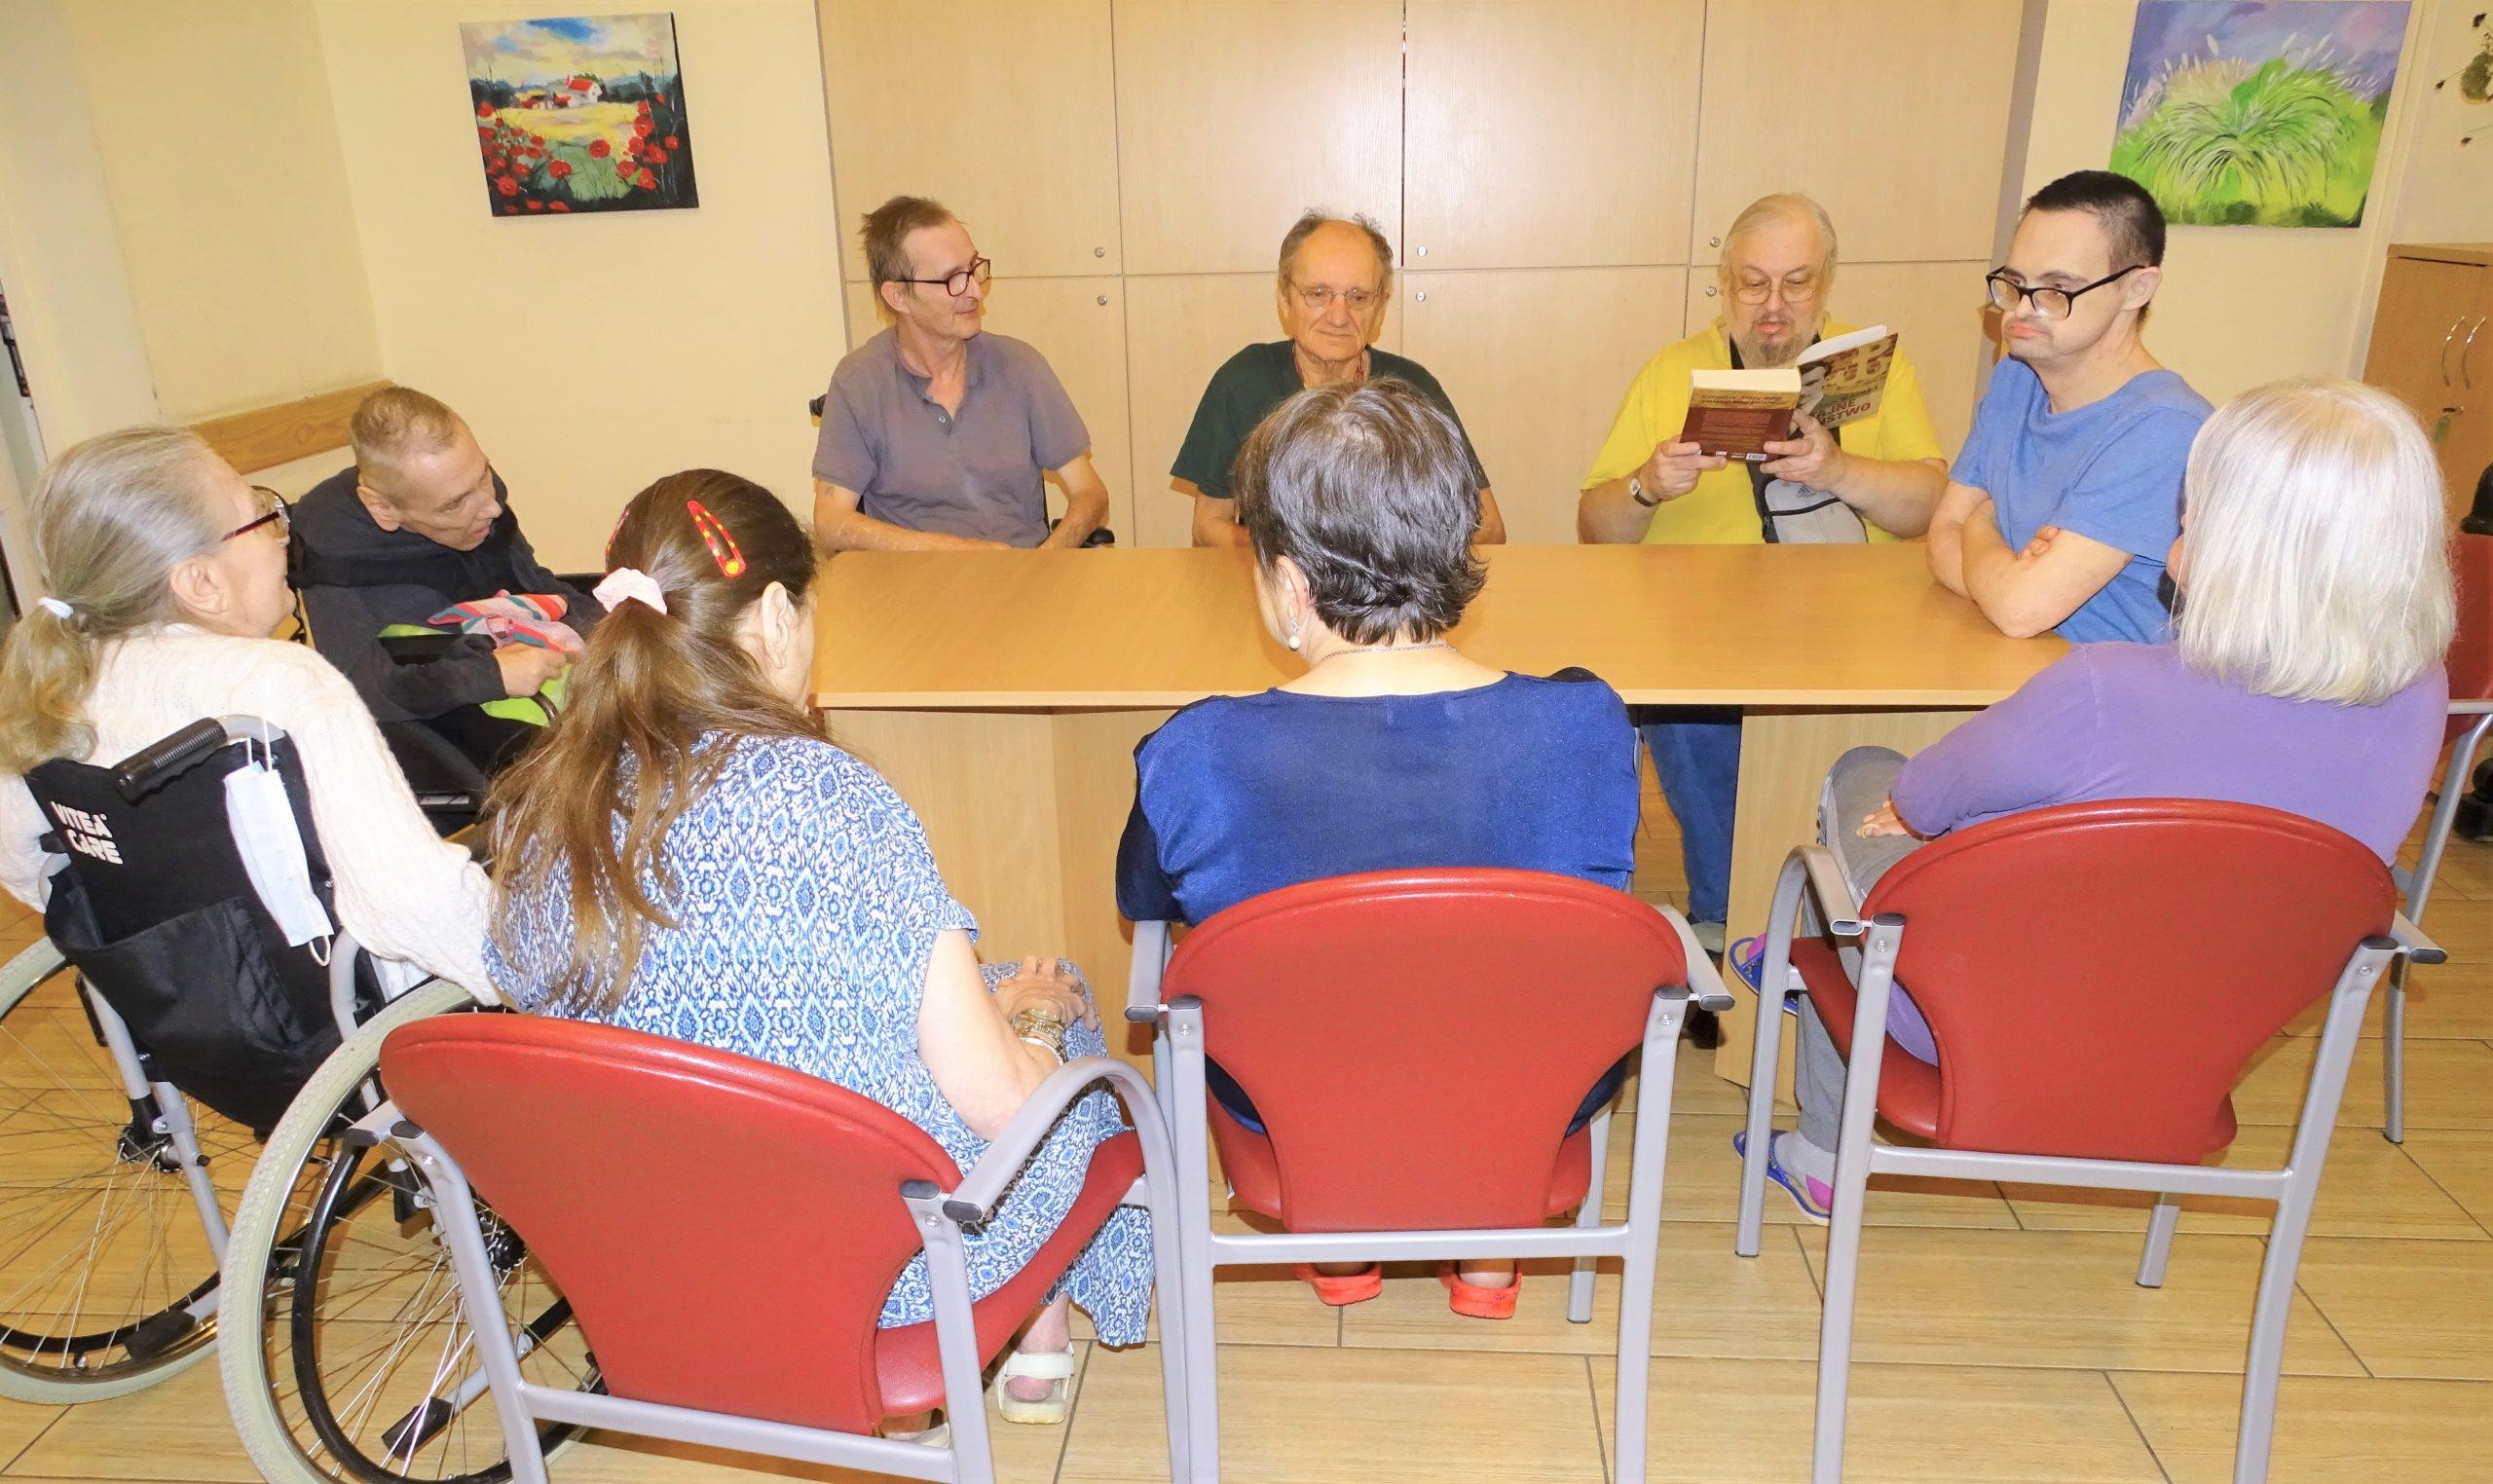 Mężczyzna w żółtej koszuli czyta książkę, pozostali seniorzy słuchają.